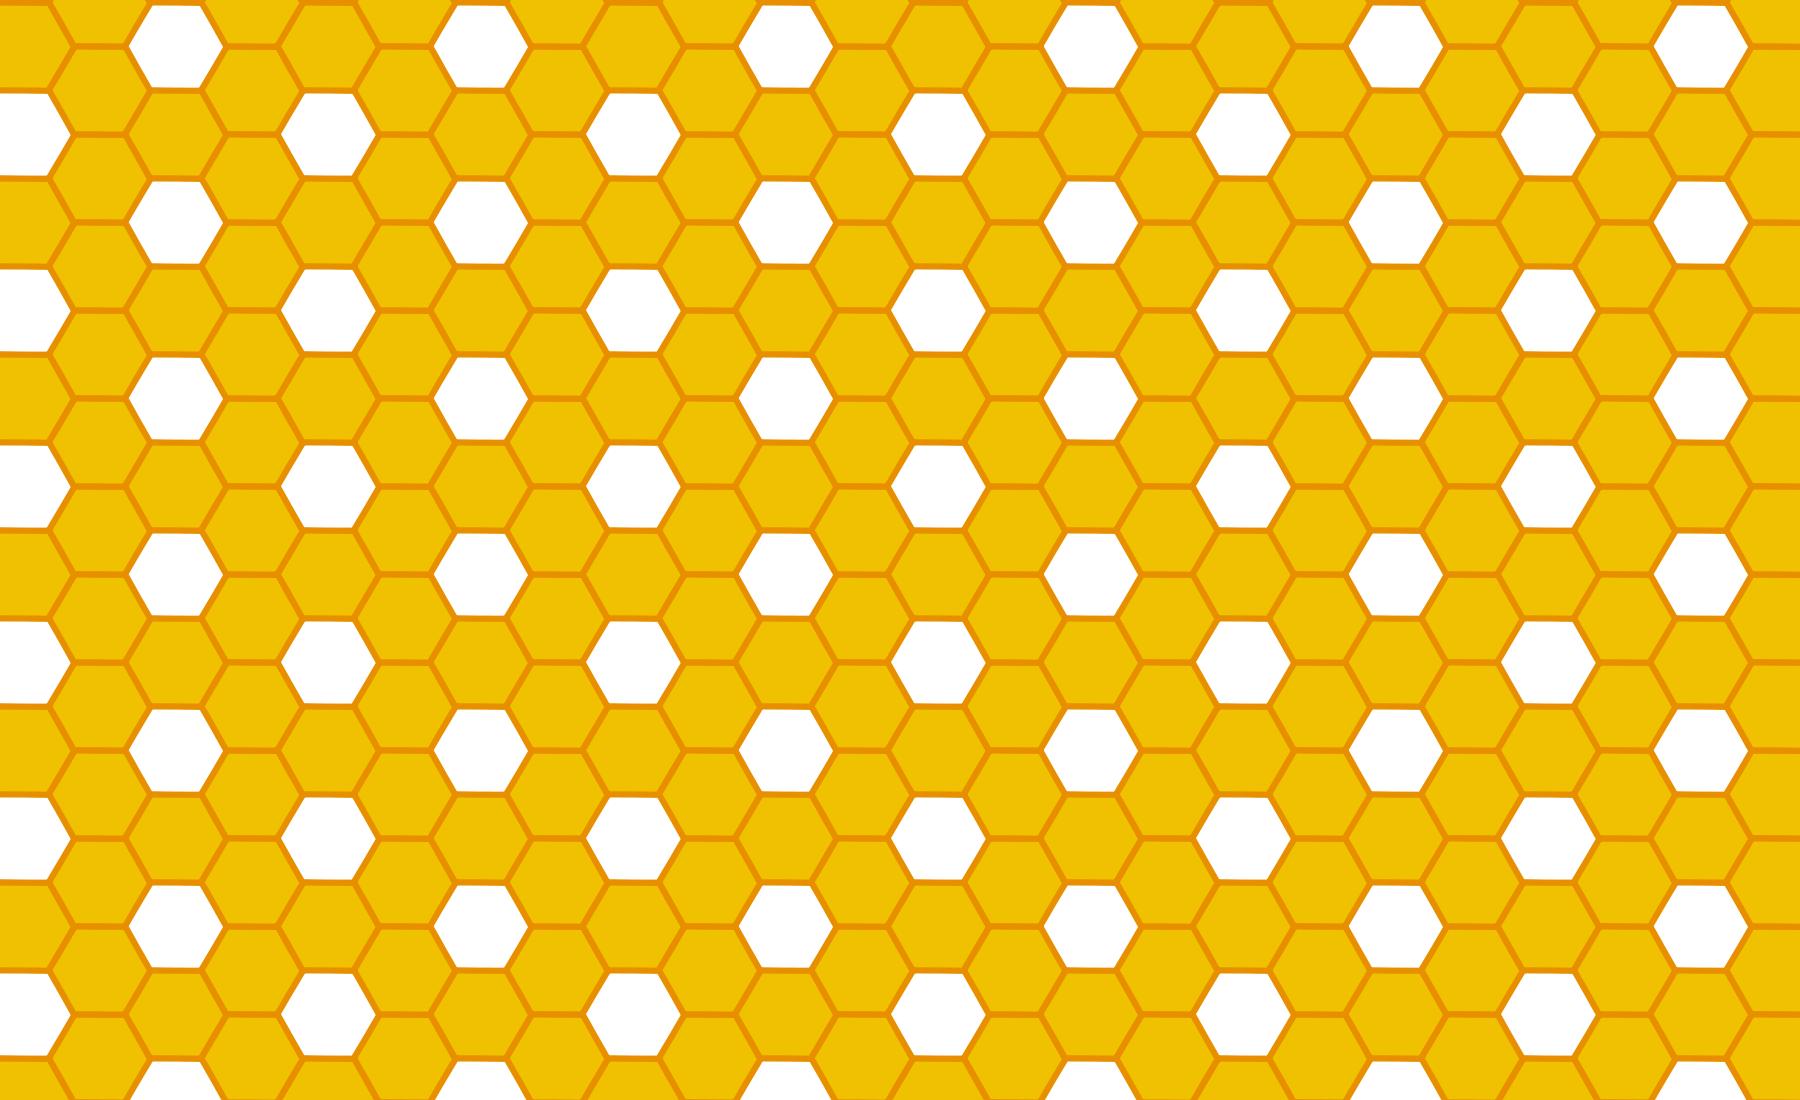 beehive design background wwwpixsharkcom images